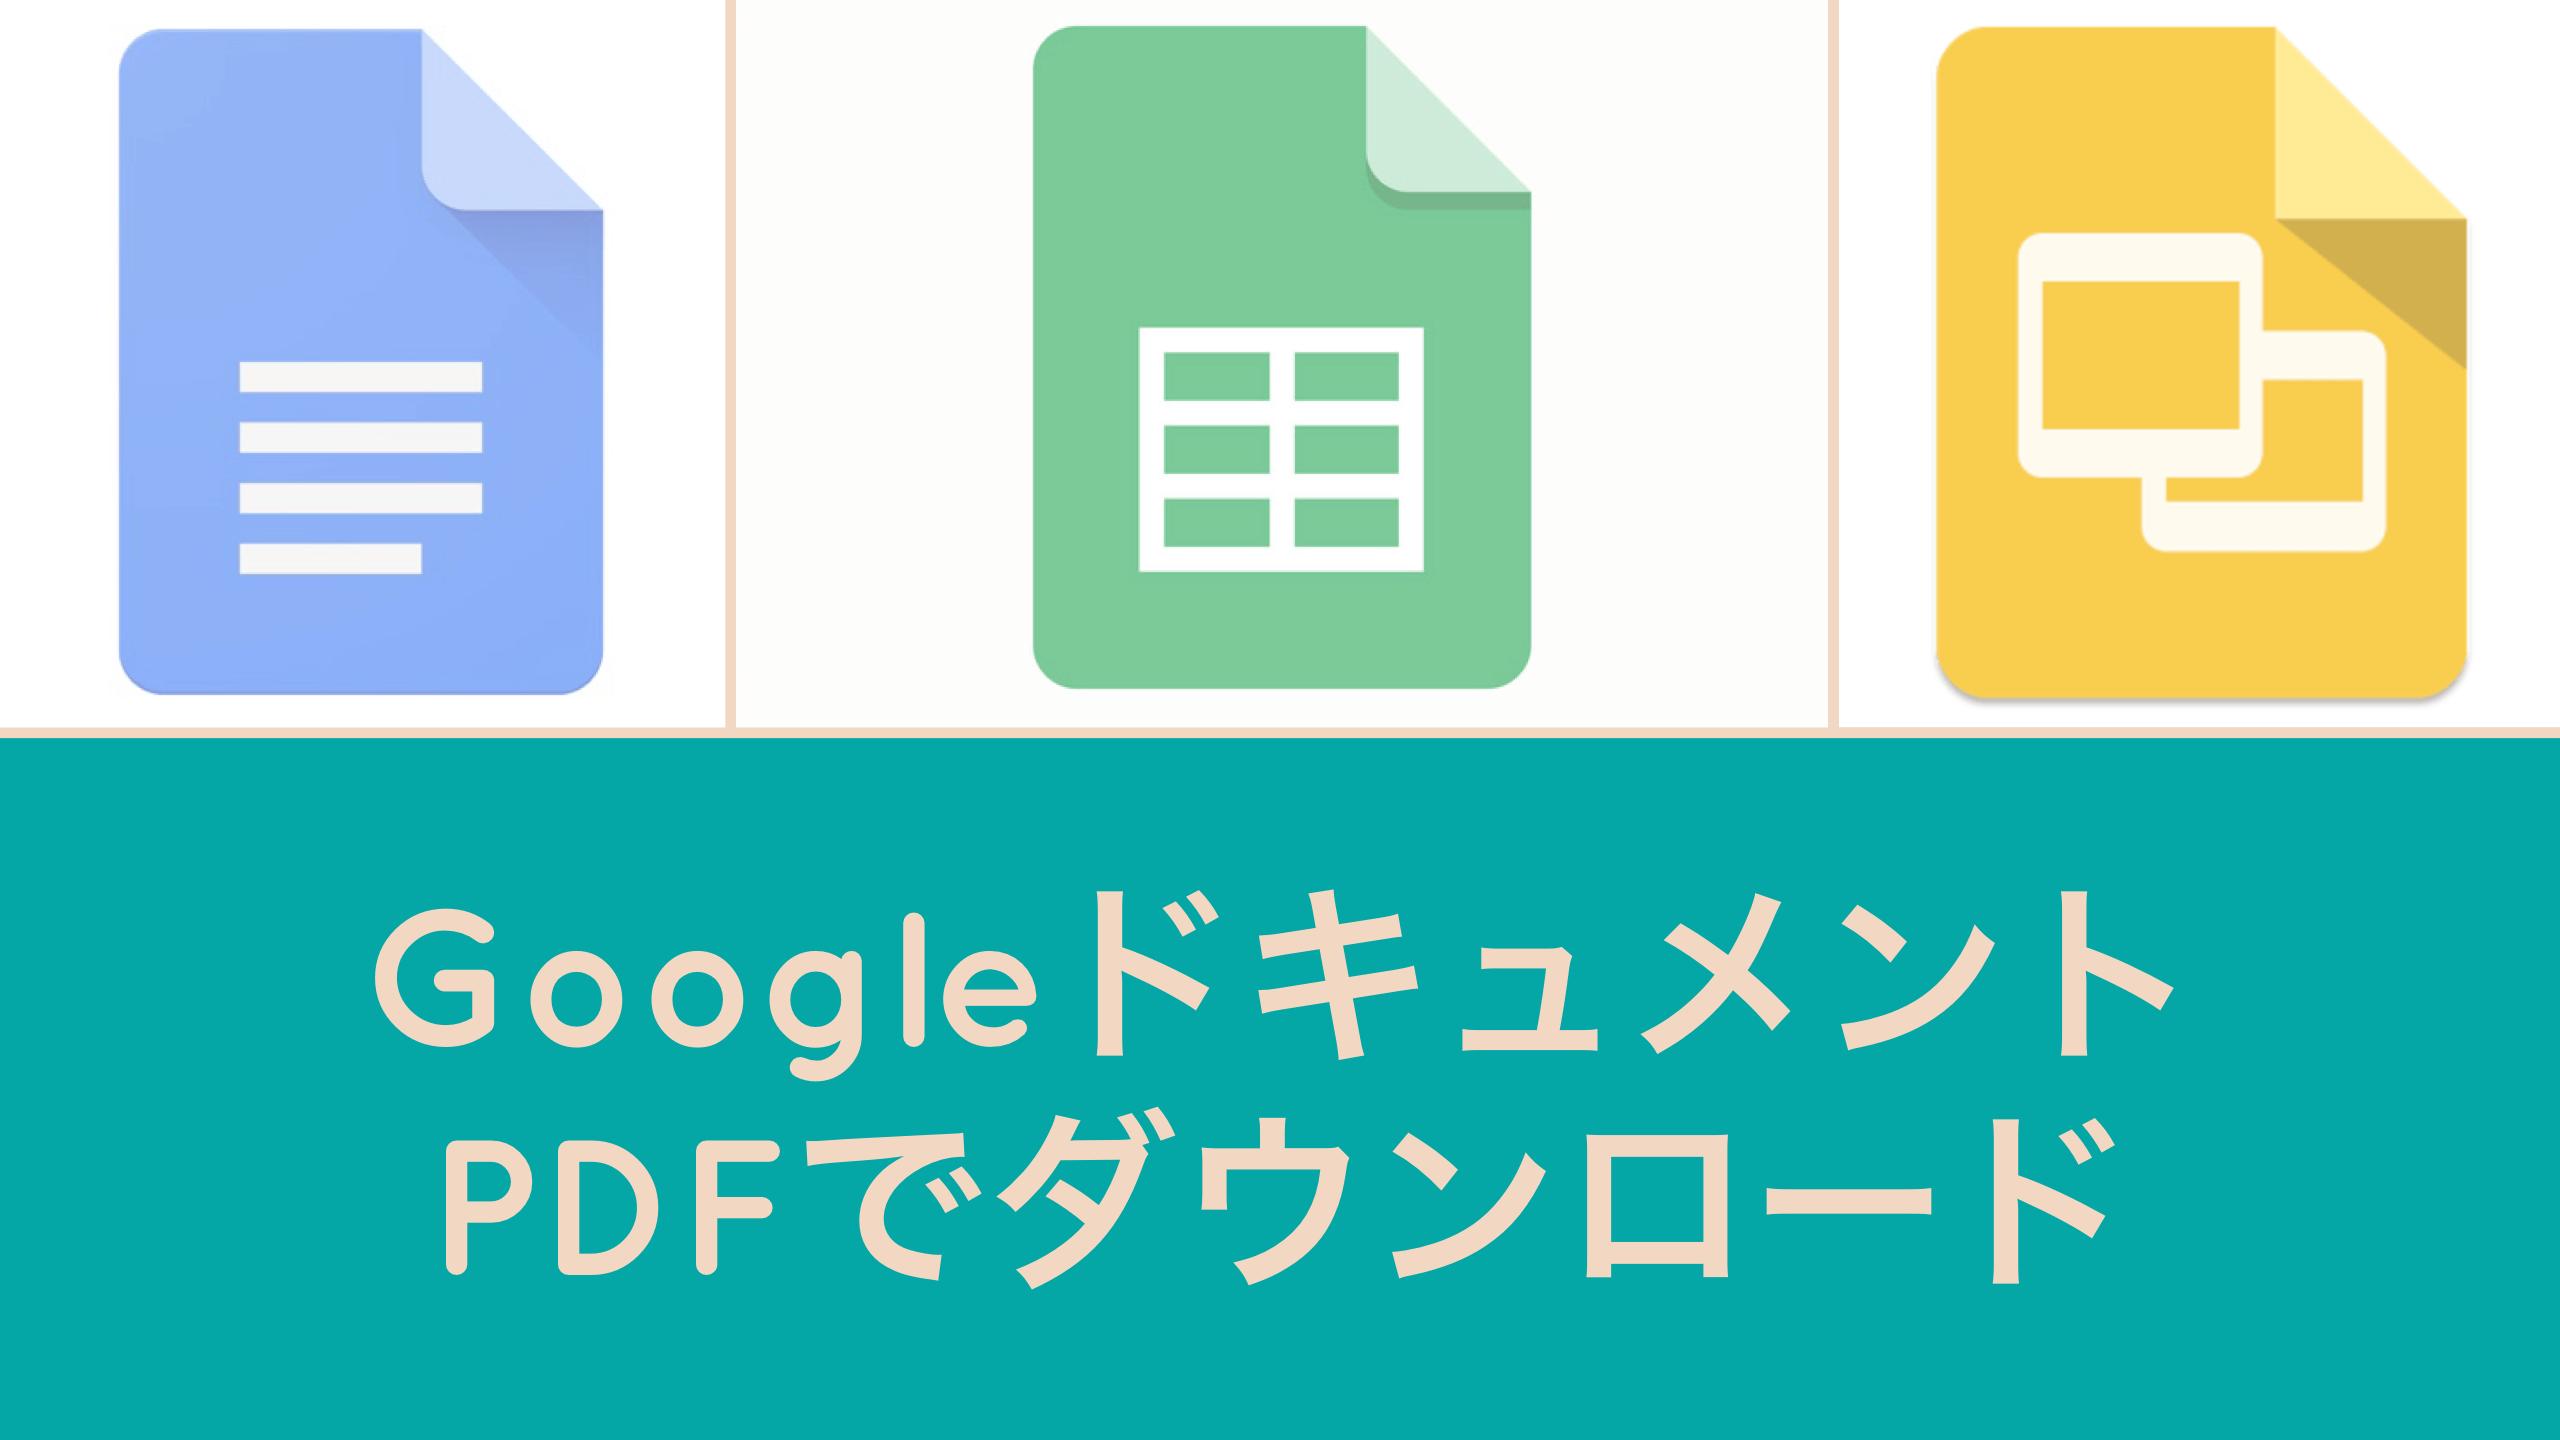 google ドキュメント pdf 変換 iphone